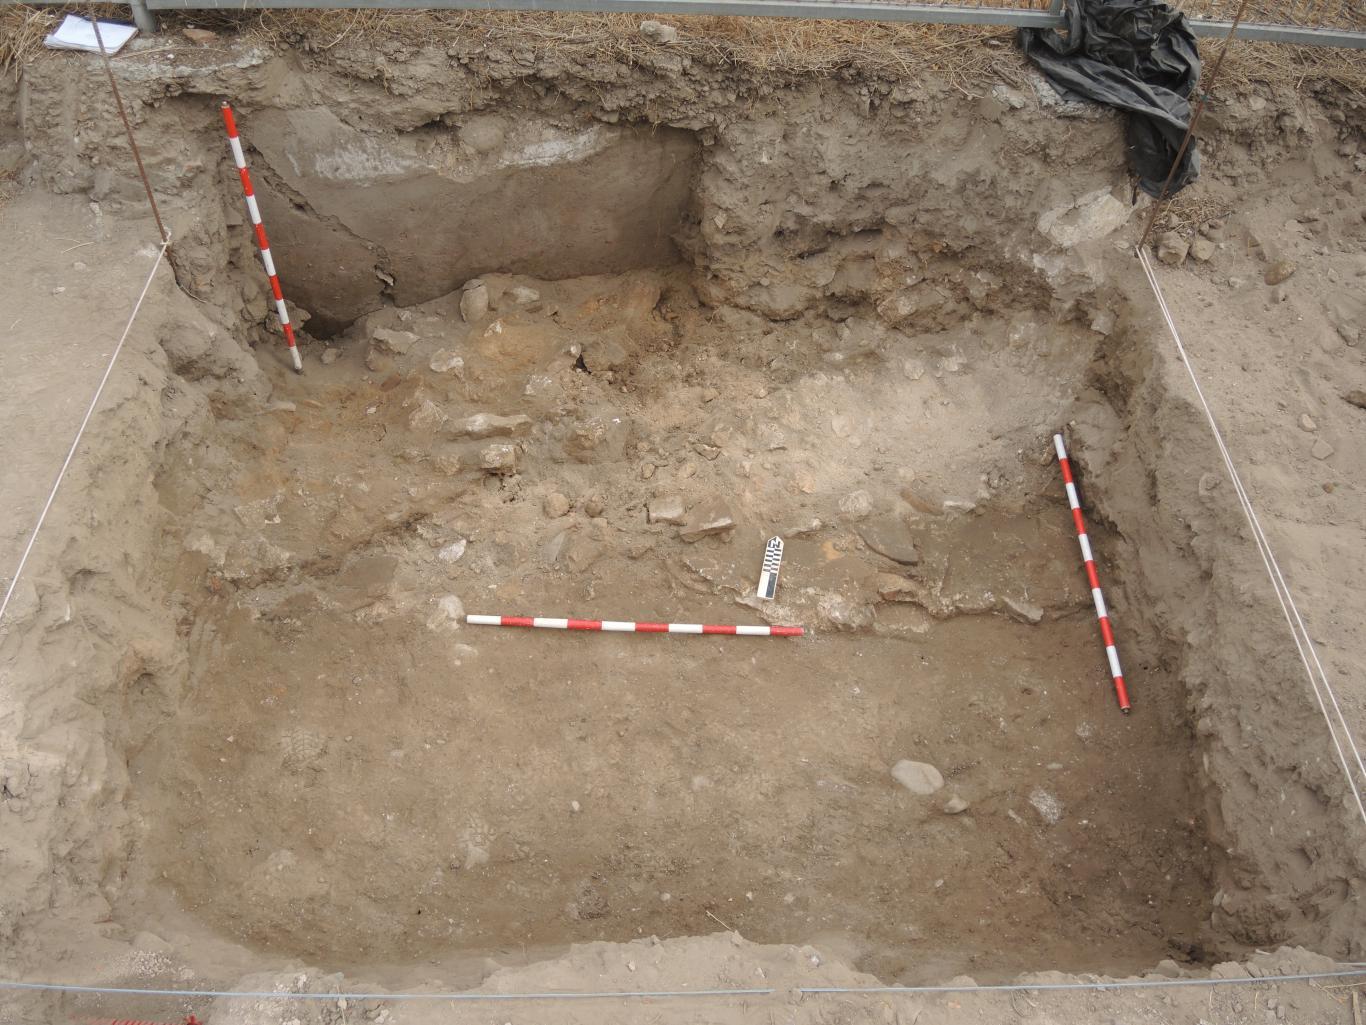 Imagen de la excavación una vez retirados los niveles superficiales